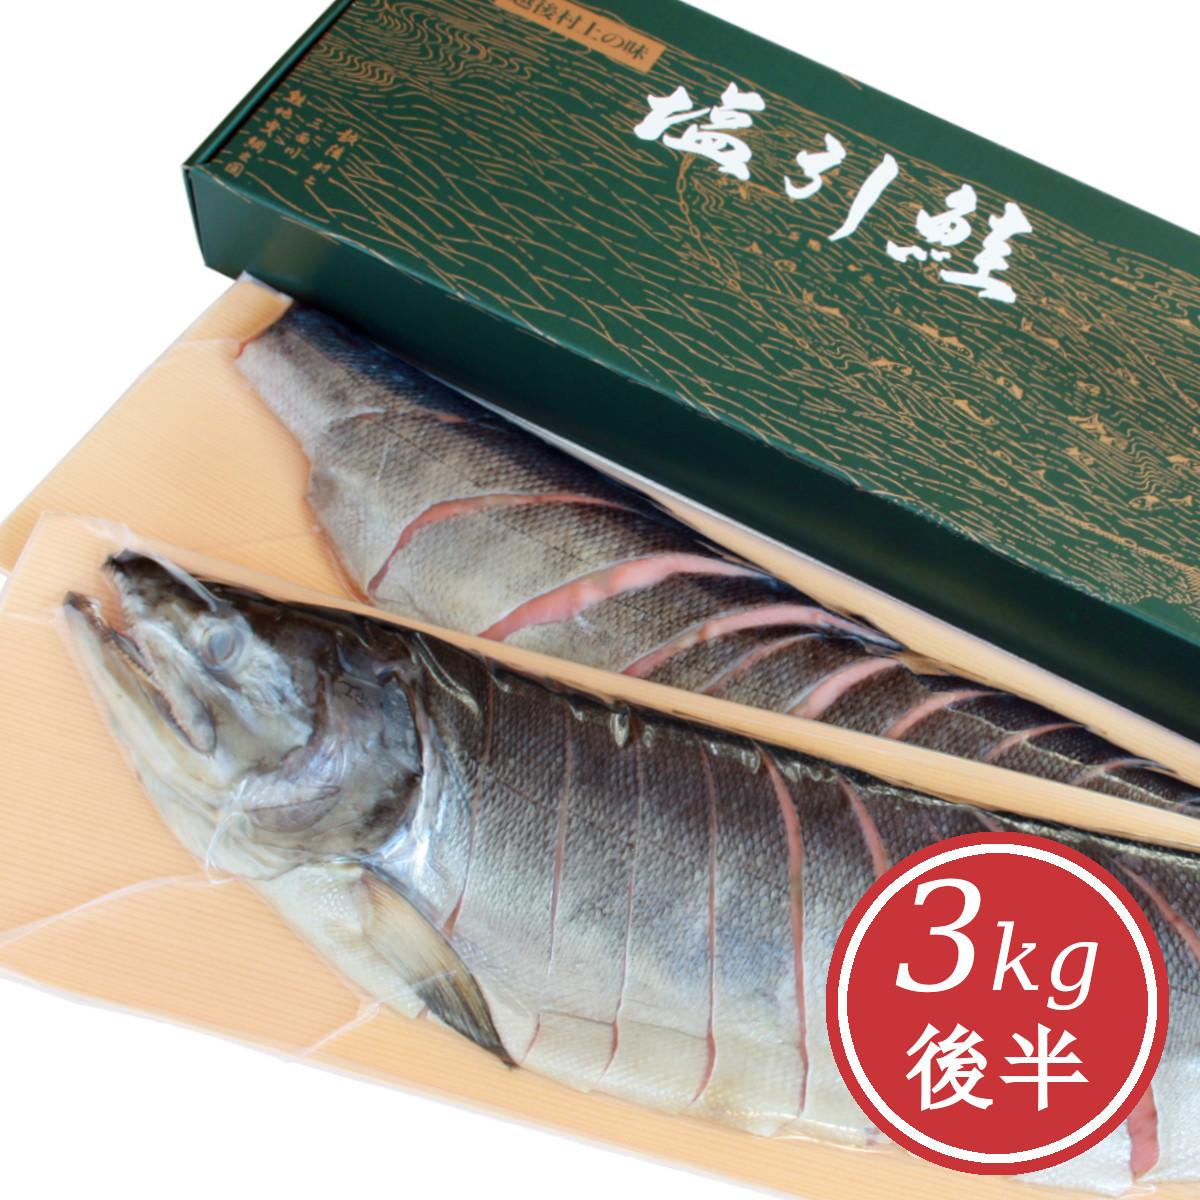 塩引鮭 塩引き鮭 切身姿造り3kg後半